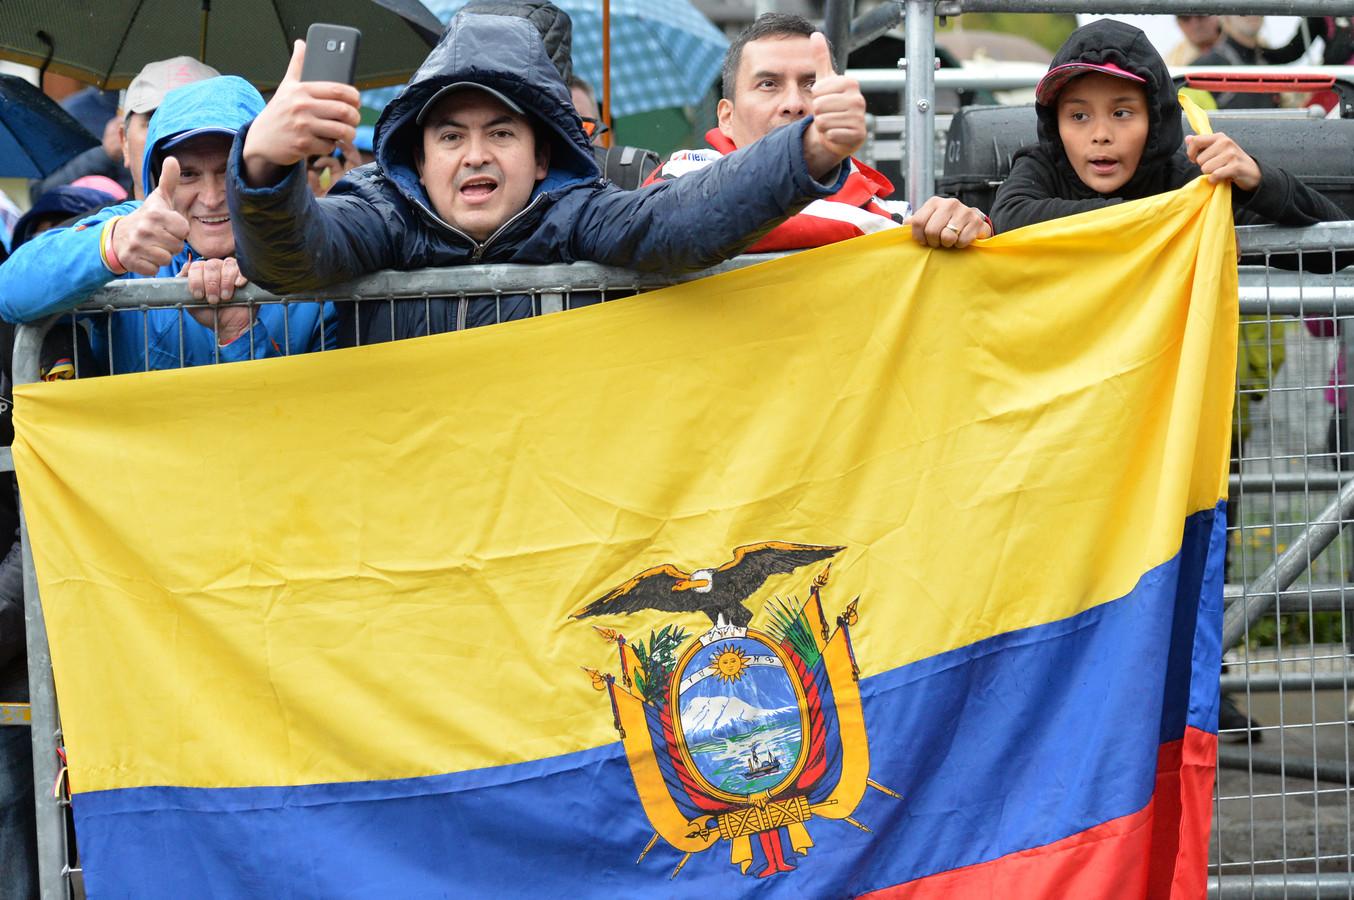 Fans van Richard Carapaz hebben de oversteek gemaakt van Ecuador naar de Giro d'Italia om hun held naar de zege te schreeuwen.